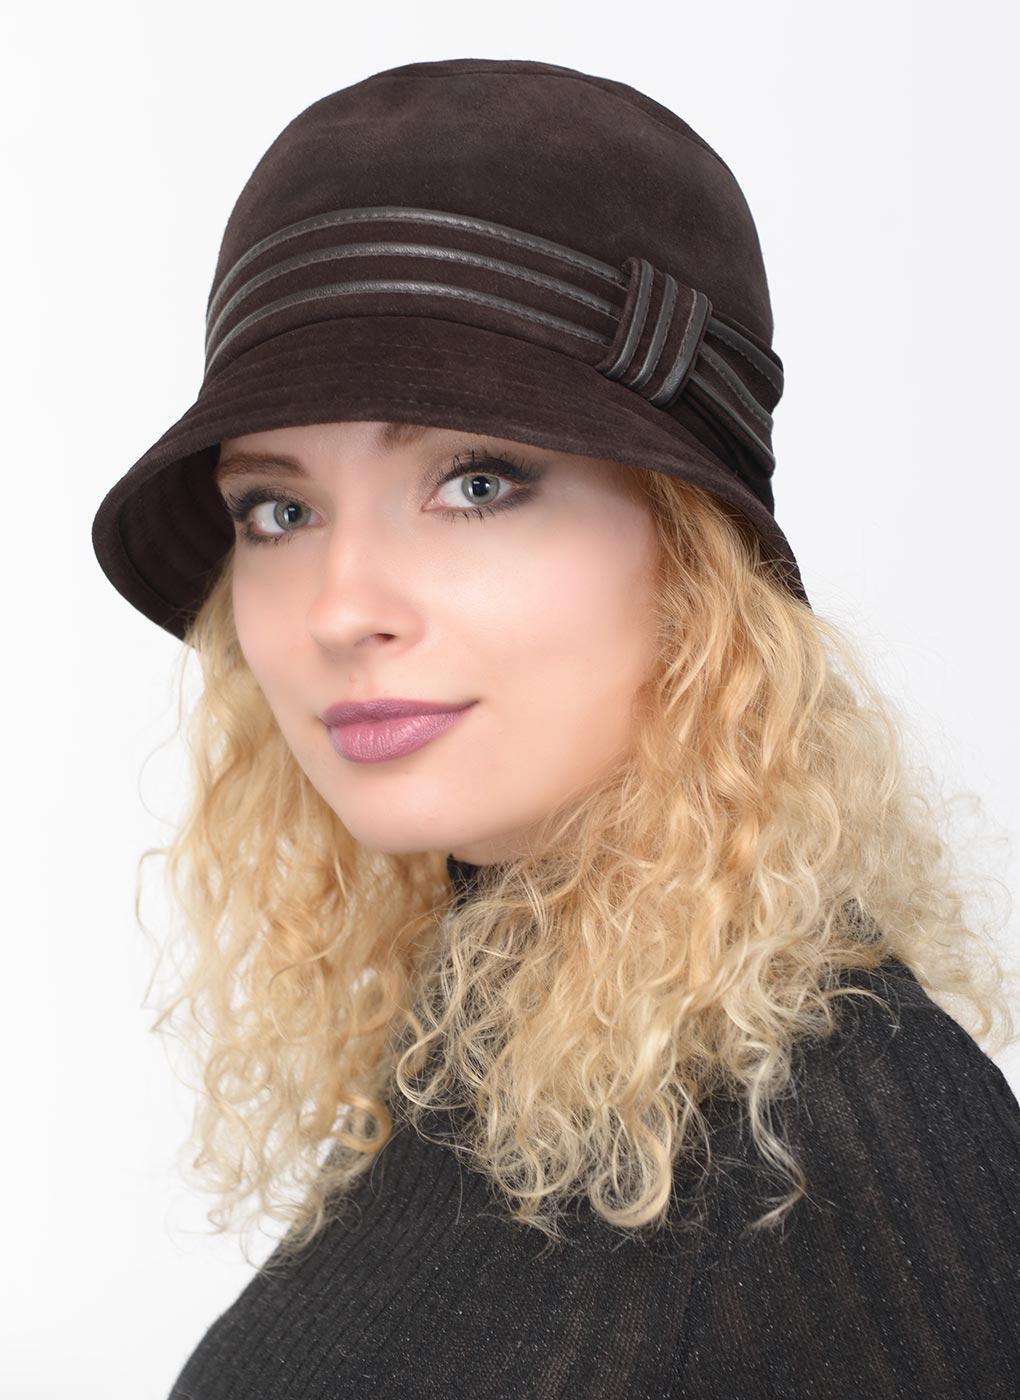 Шляпа из замши 27, ПланЖе фото